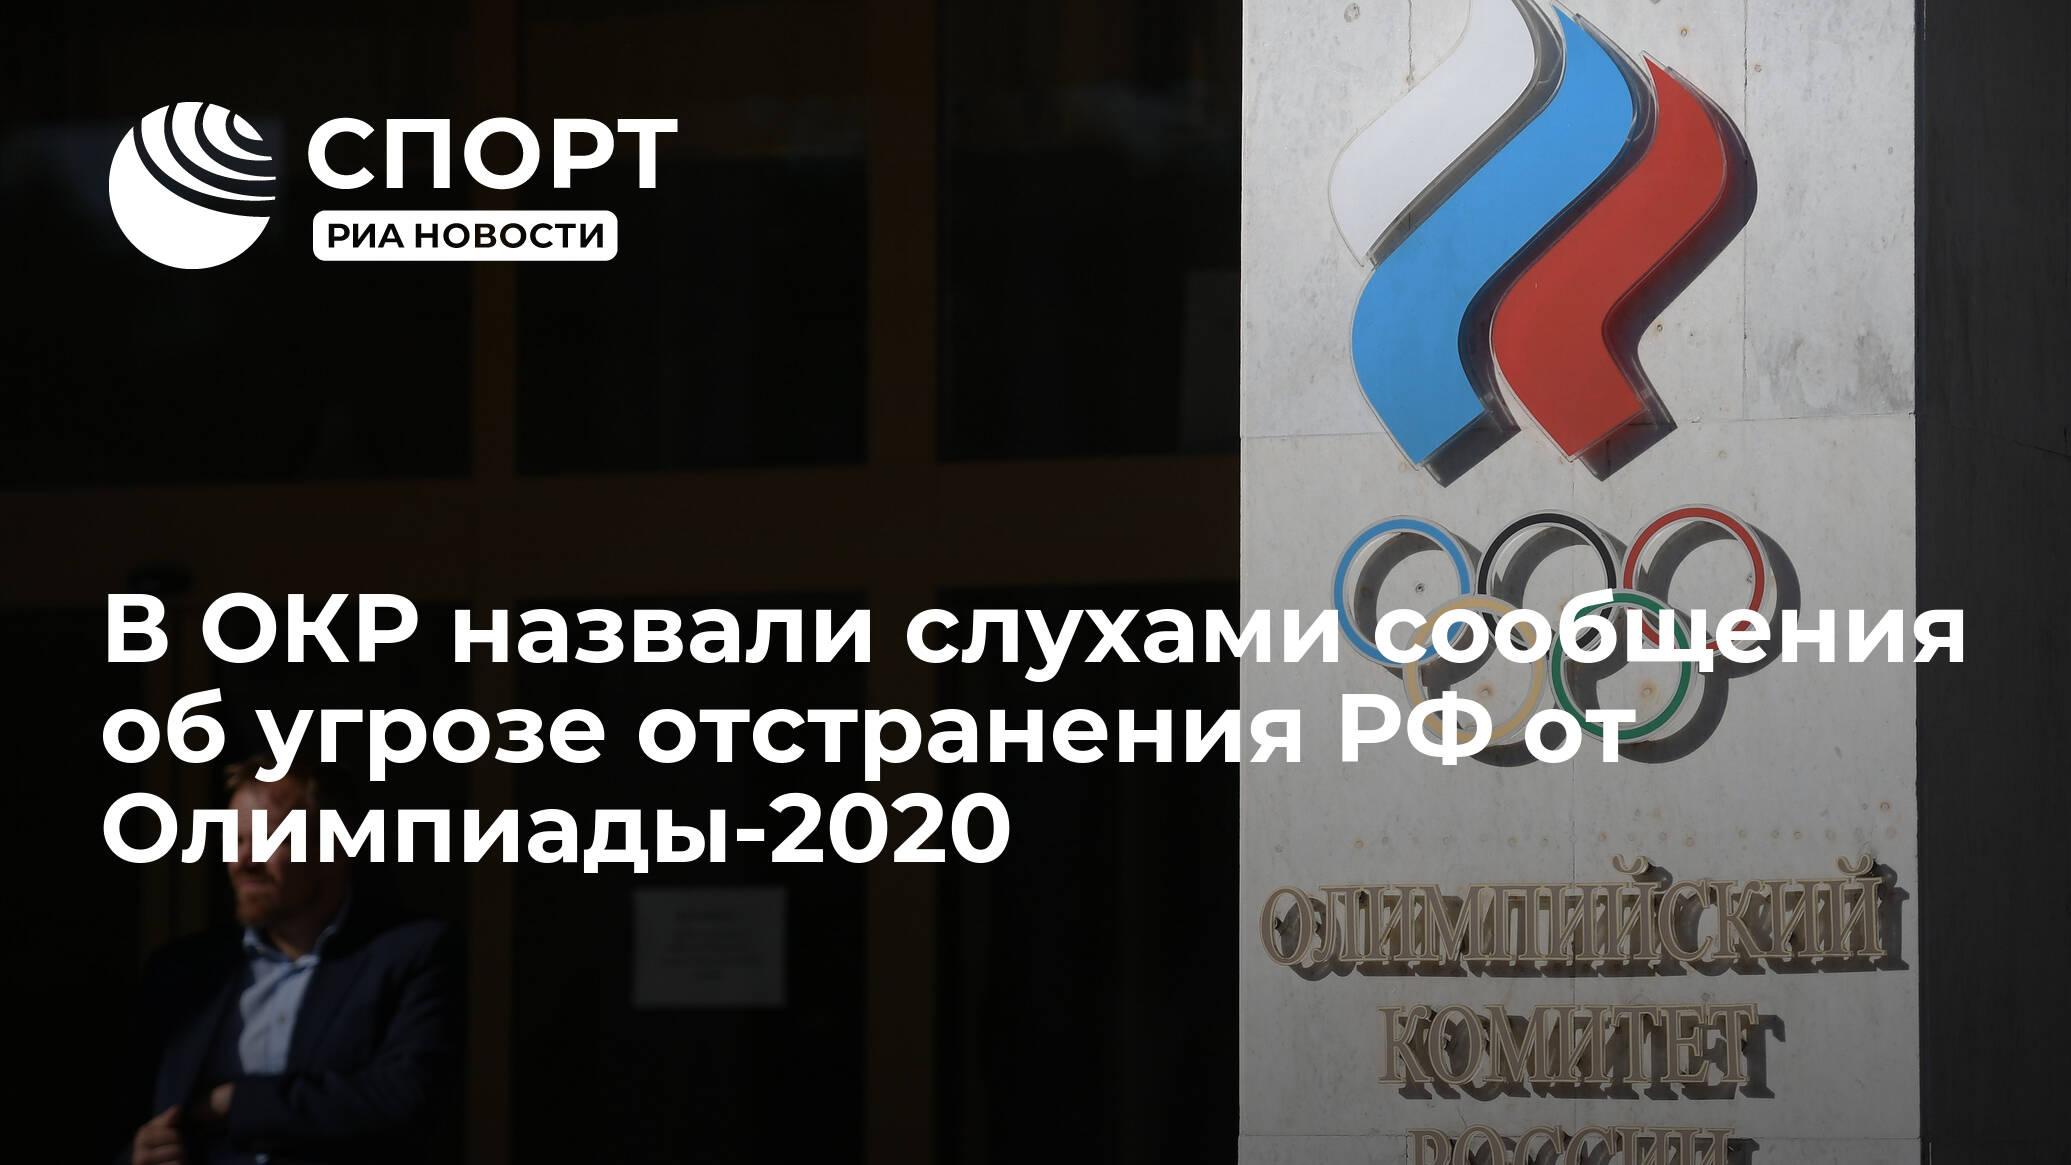 В ОКР назвали слухами сообщения об угрозе отстранения РФ от Олимпиады-2020